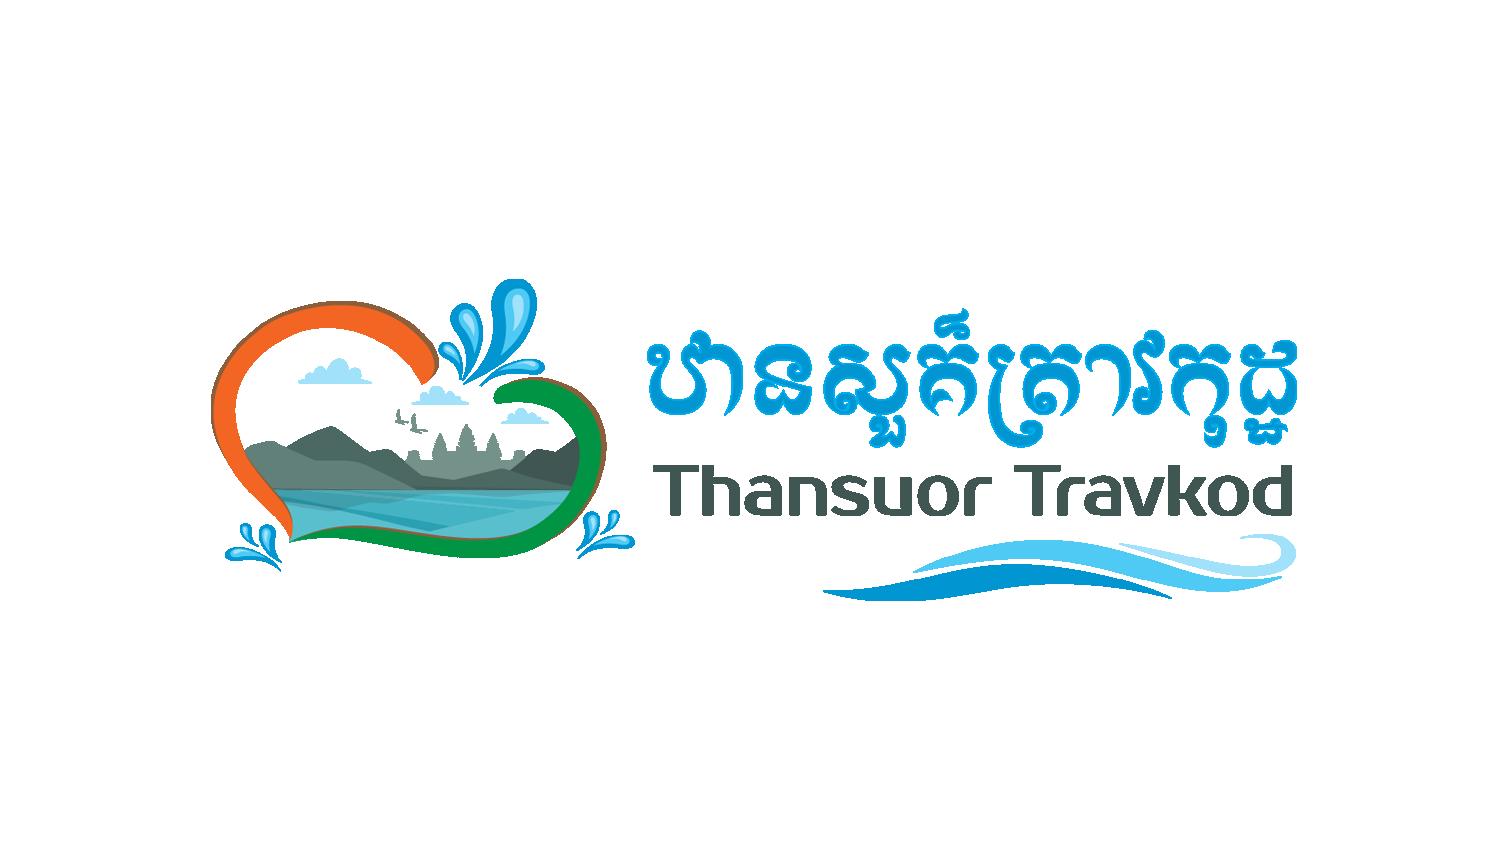 Thansour Travkod